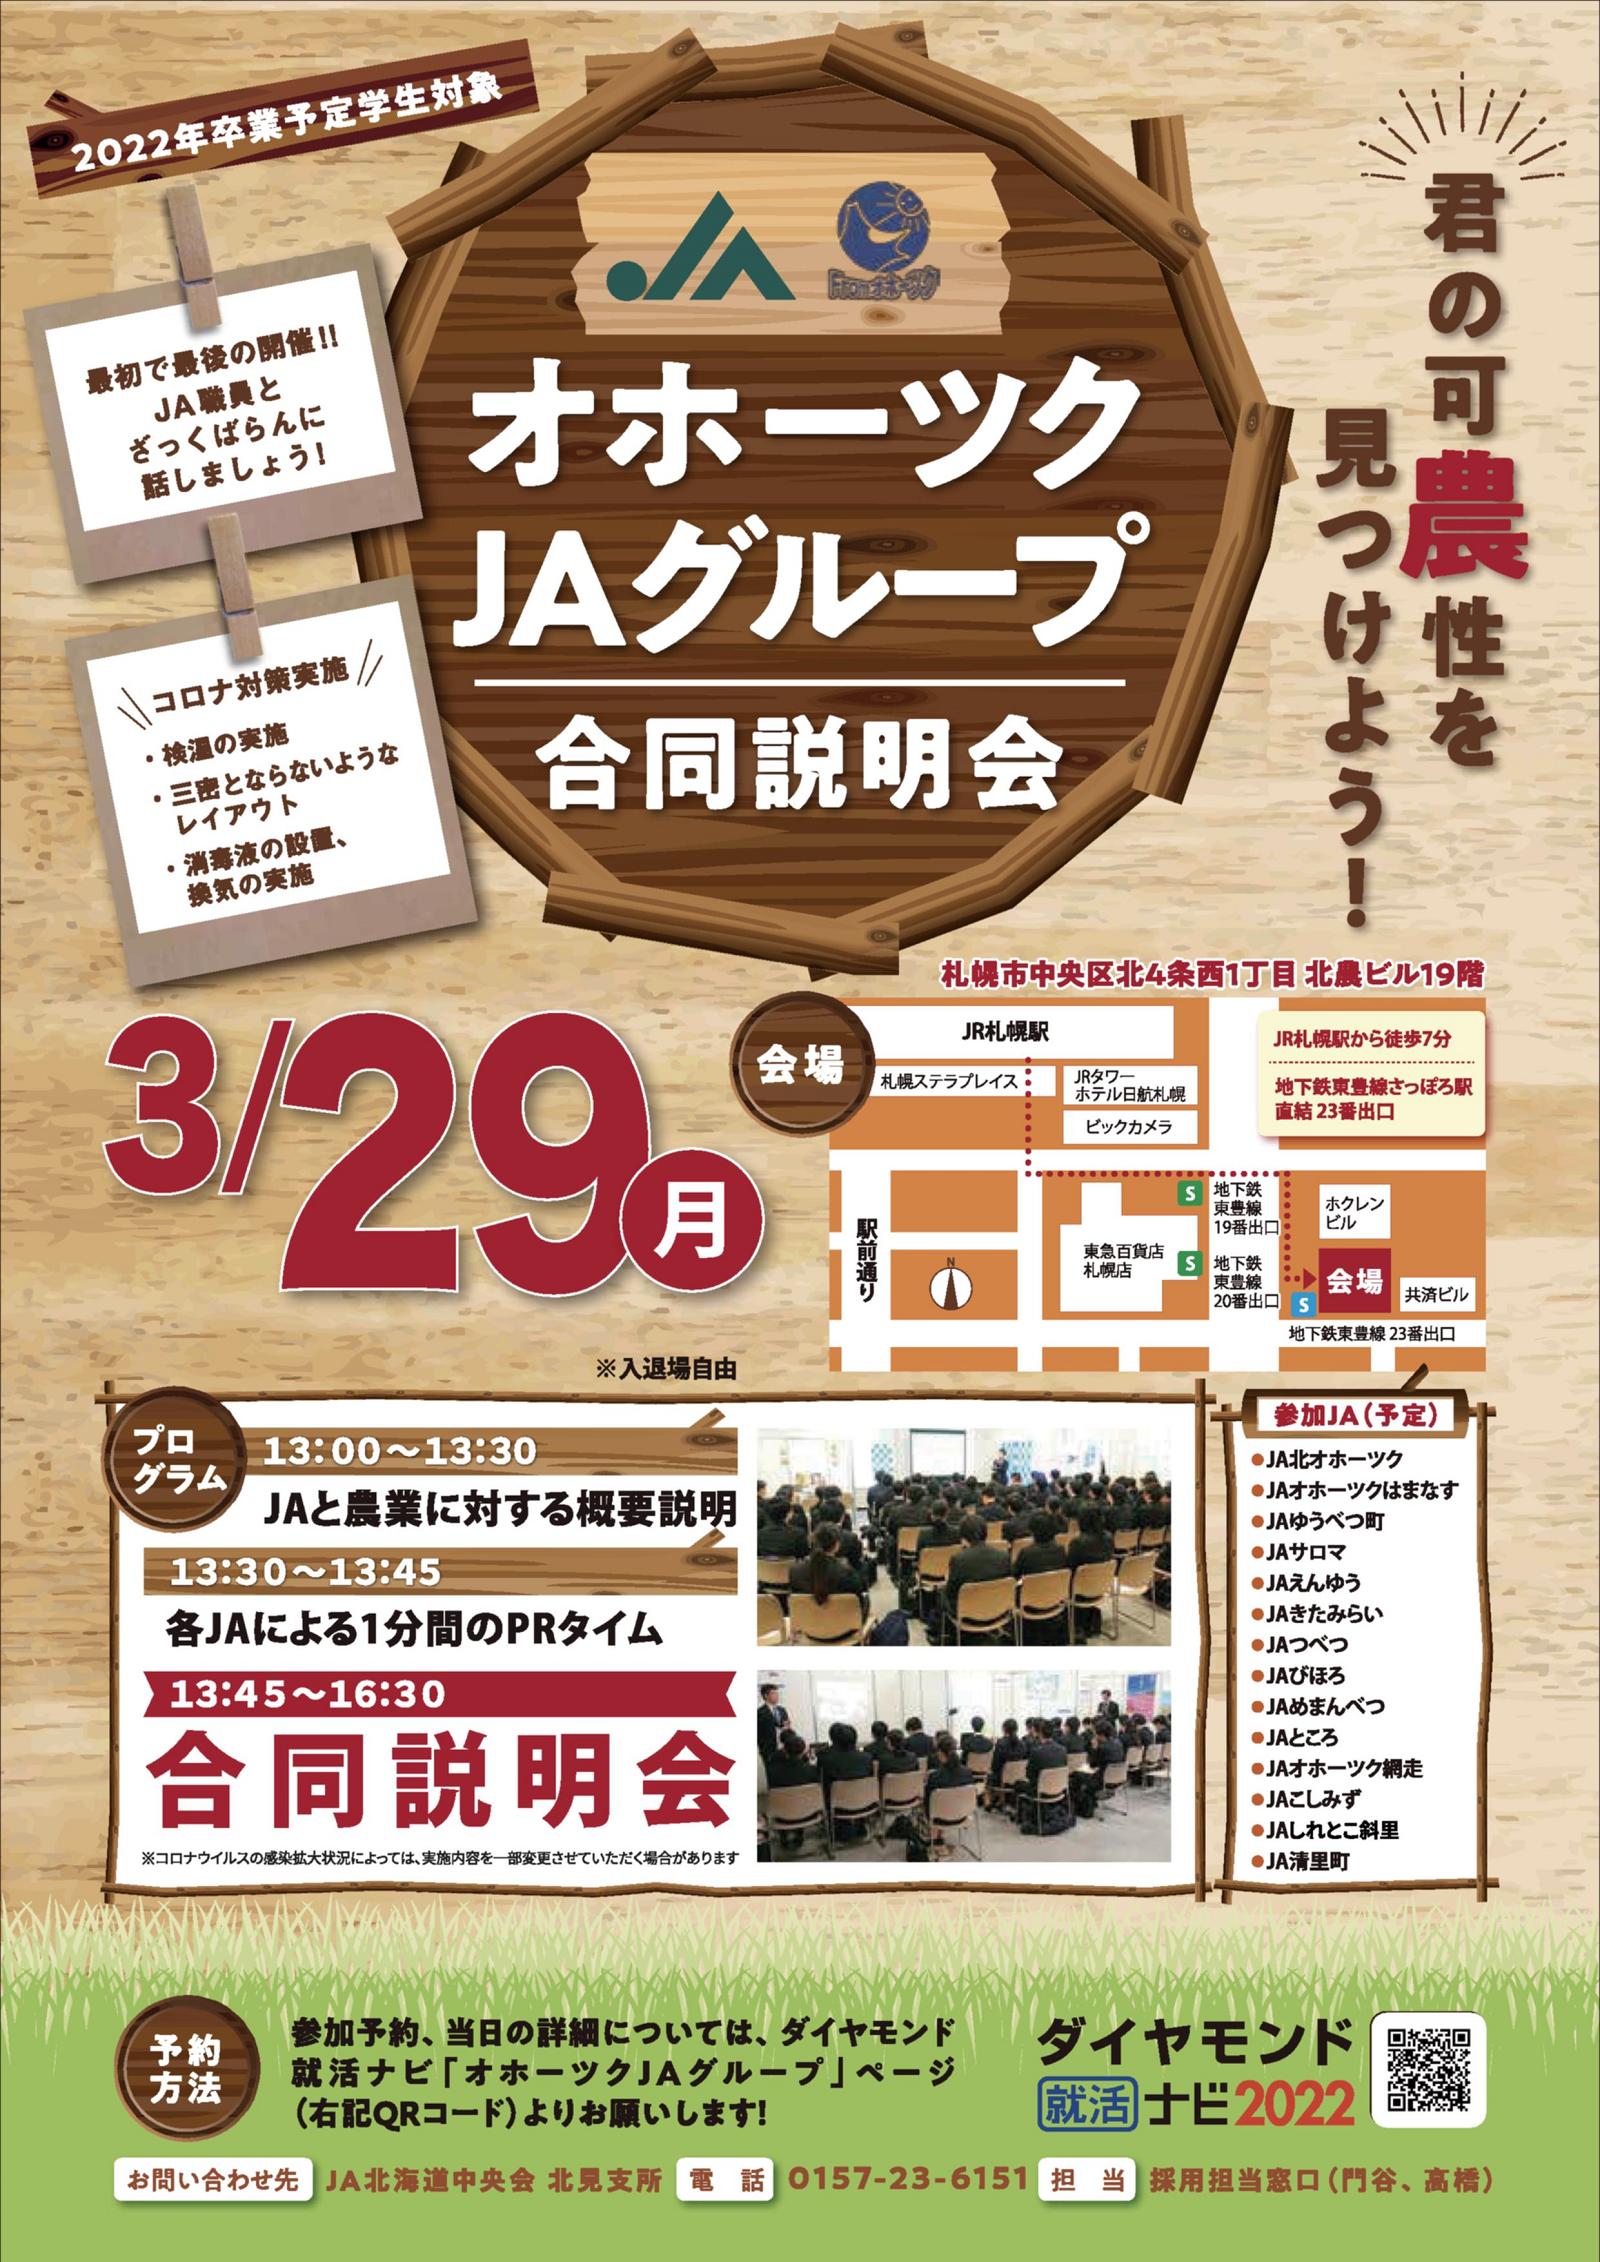 【2022卒採用試験】3/29(月)オホーツクJAグループ合同説明会開催のお知らせ